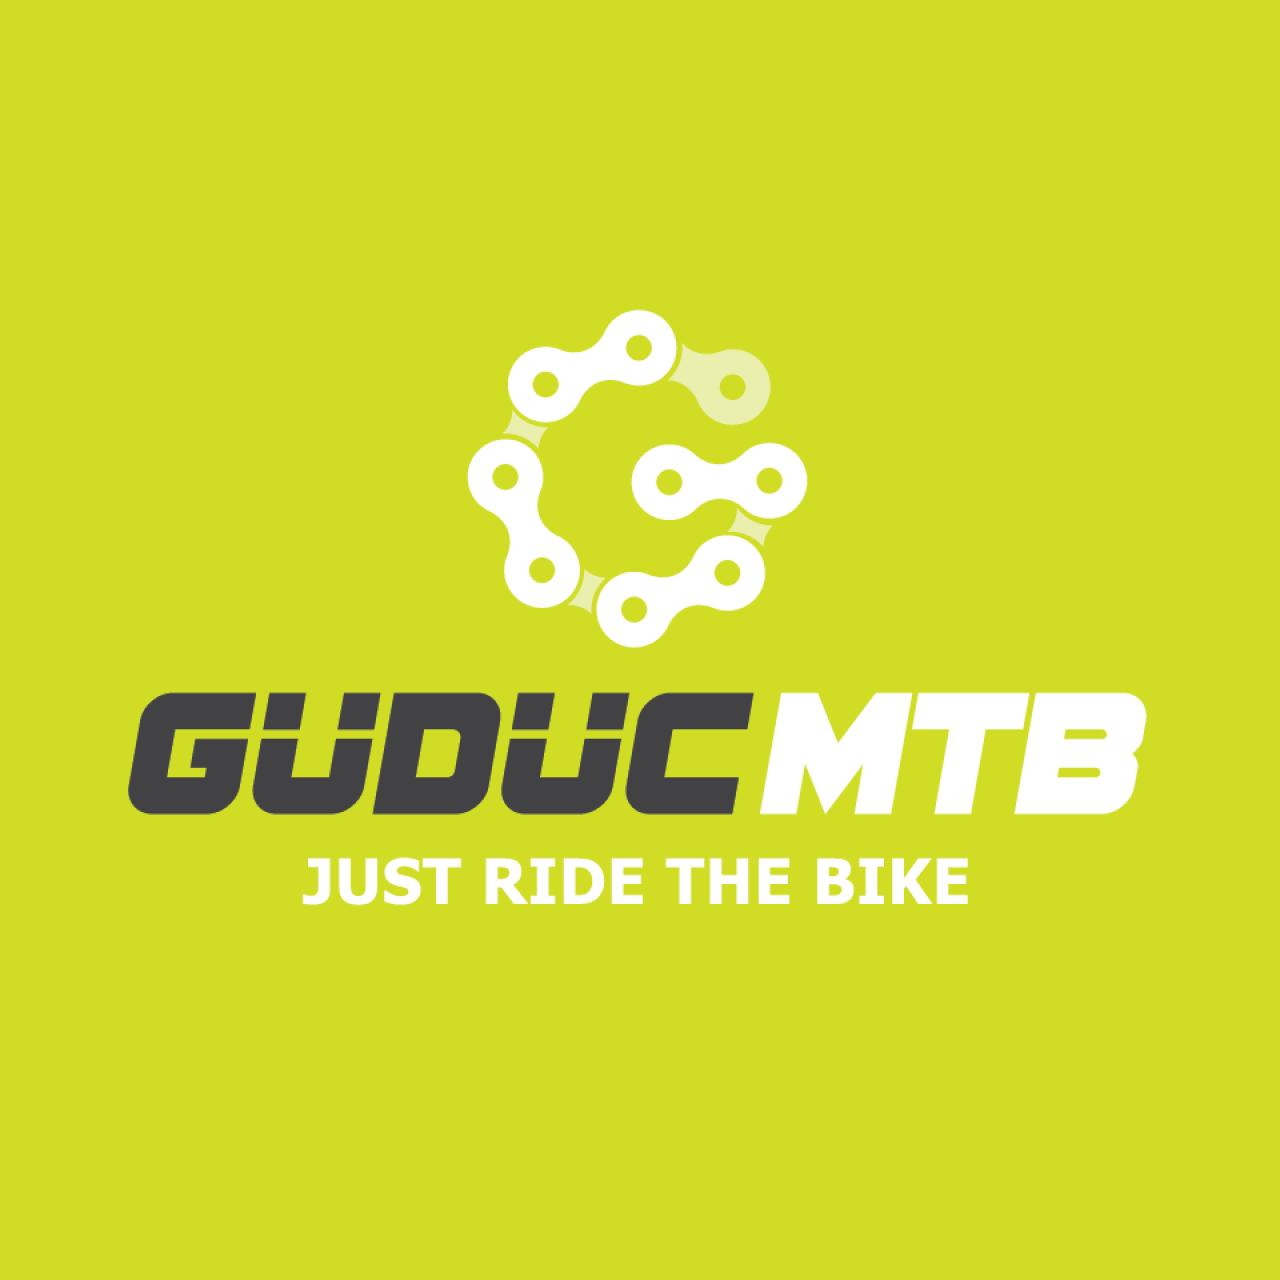 Güdüc MTB - 25km - 2019